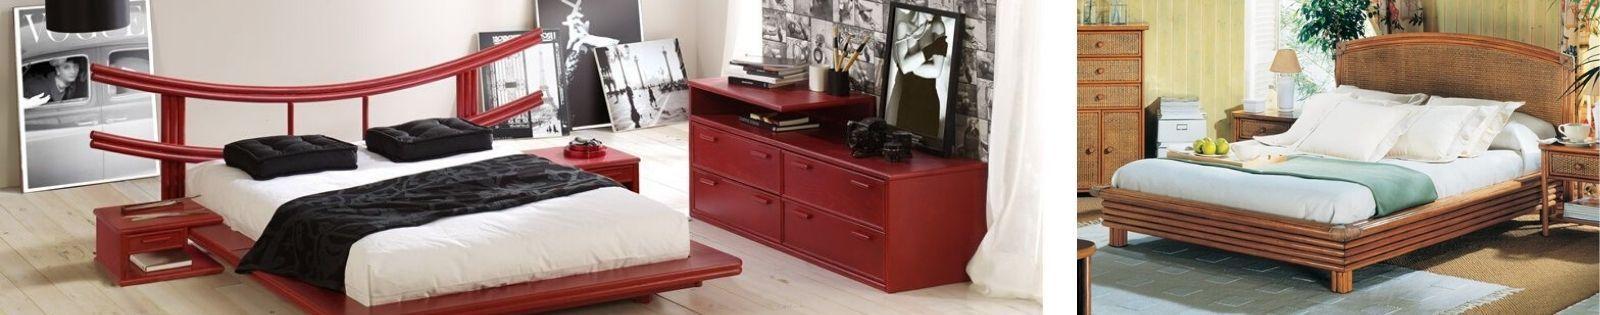 Lits en rotin : meubles haut de gamme de fabrication espagnole.